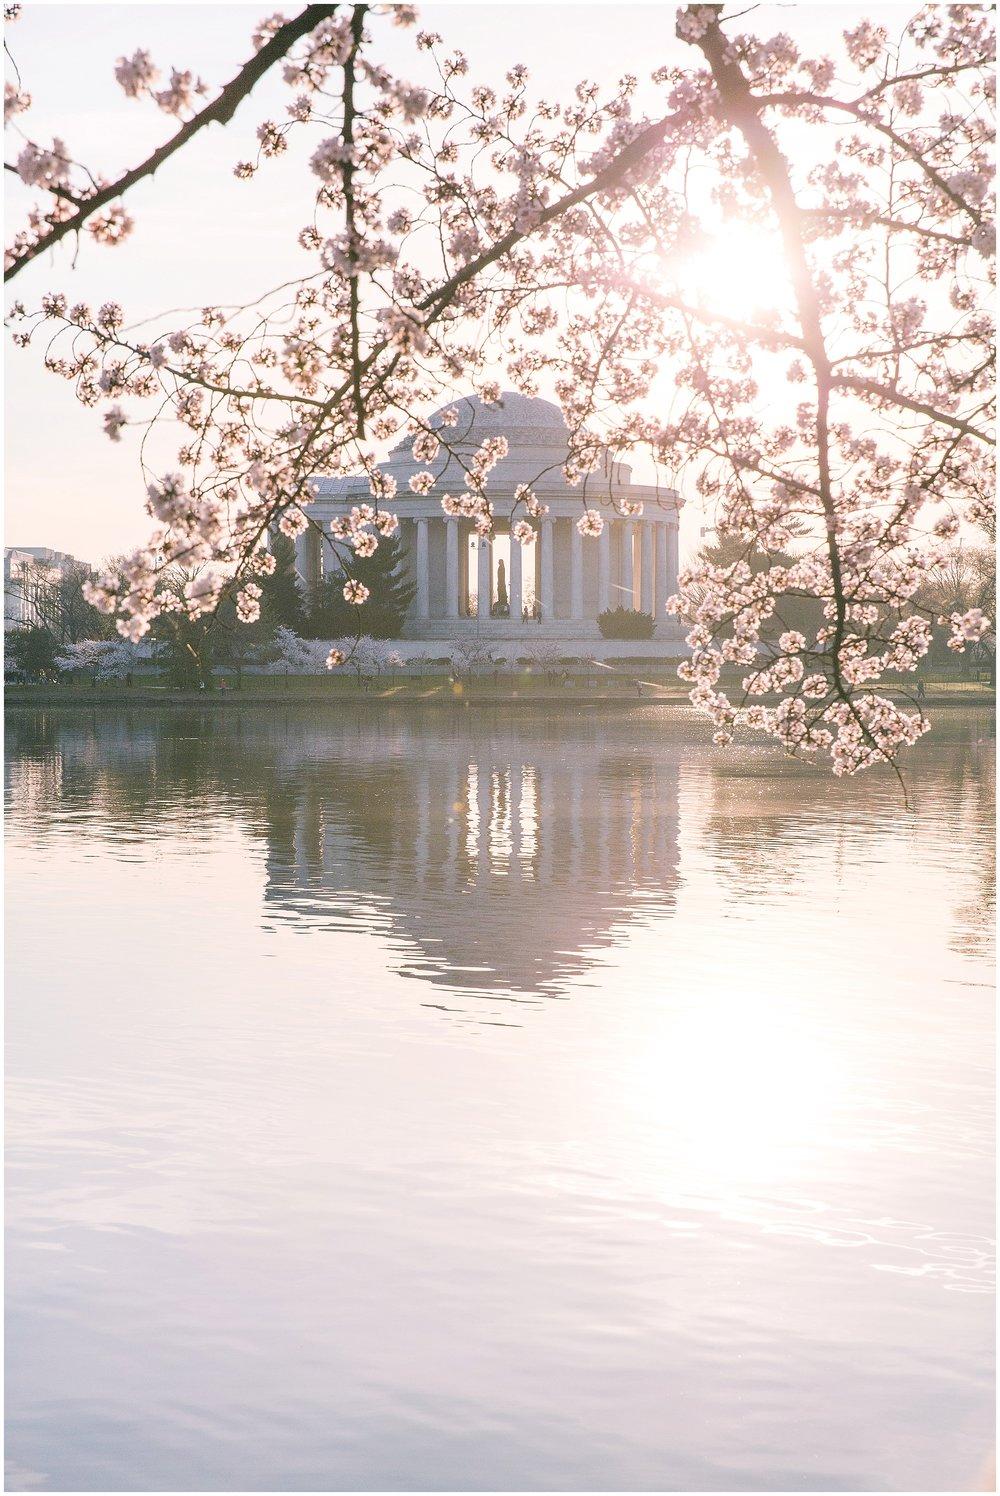 cherryblossom_washingtondc_spring_pink_0057.jpg